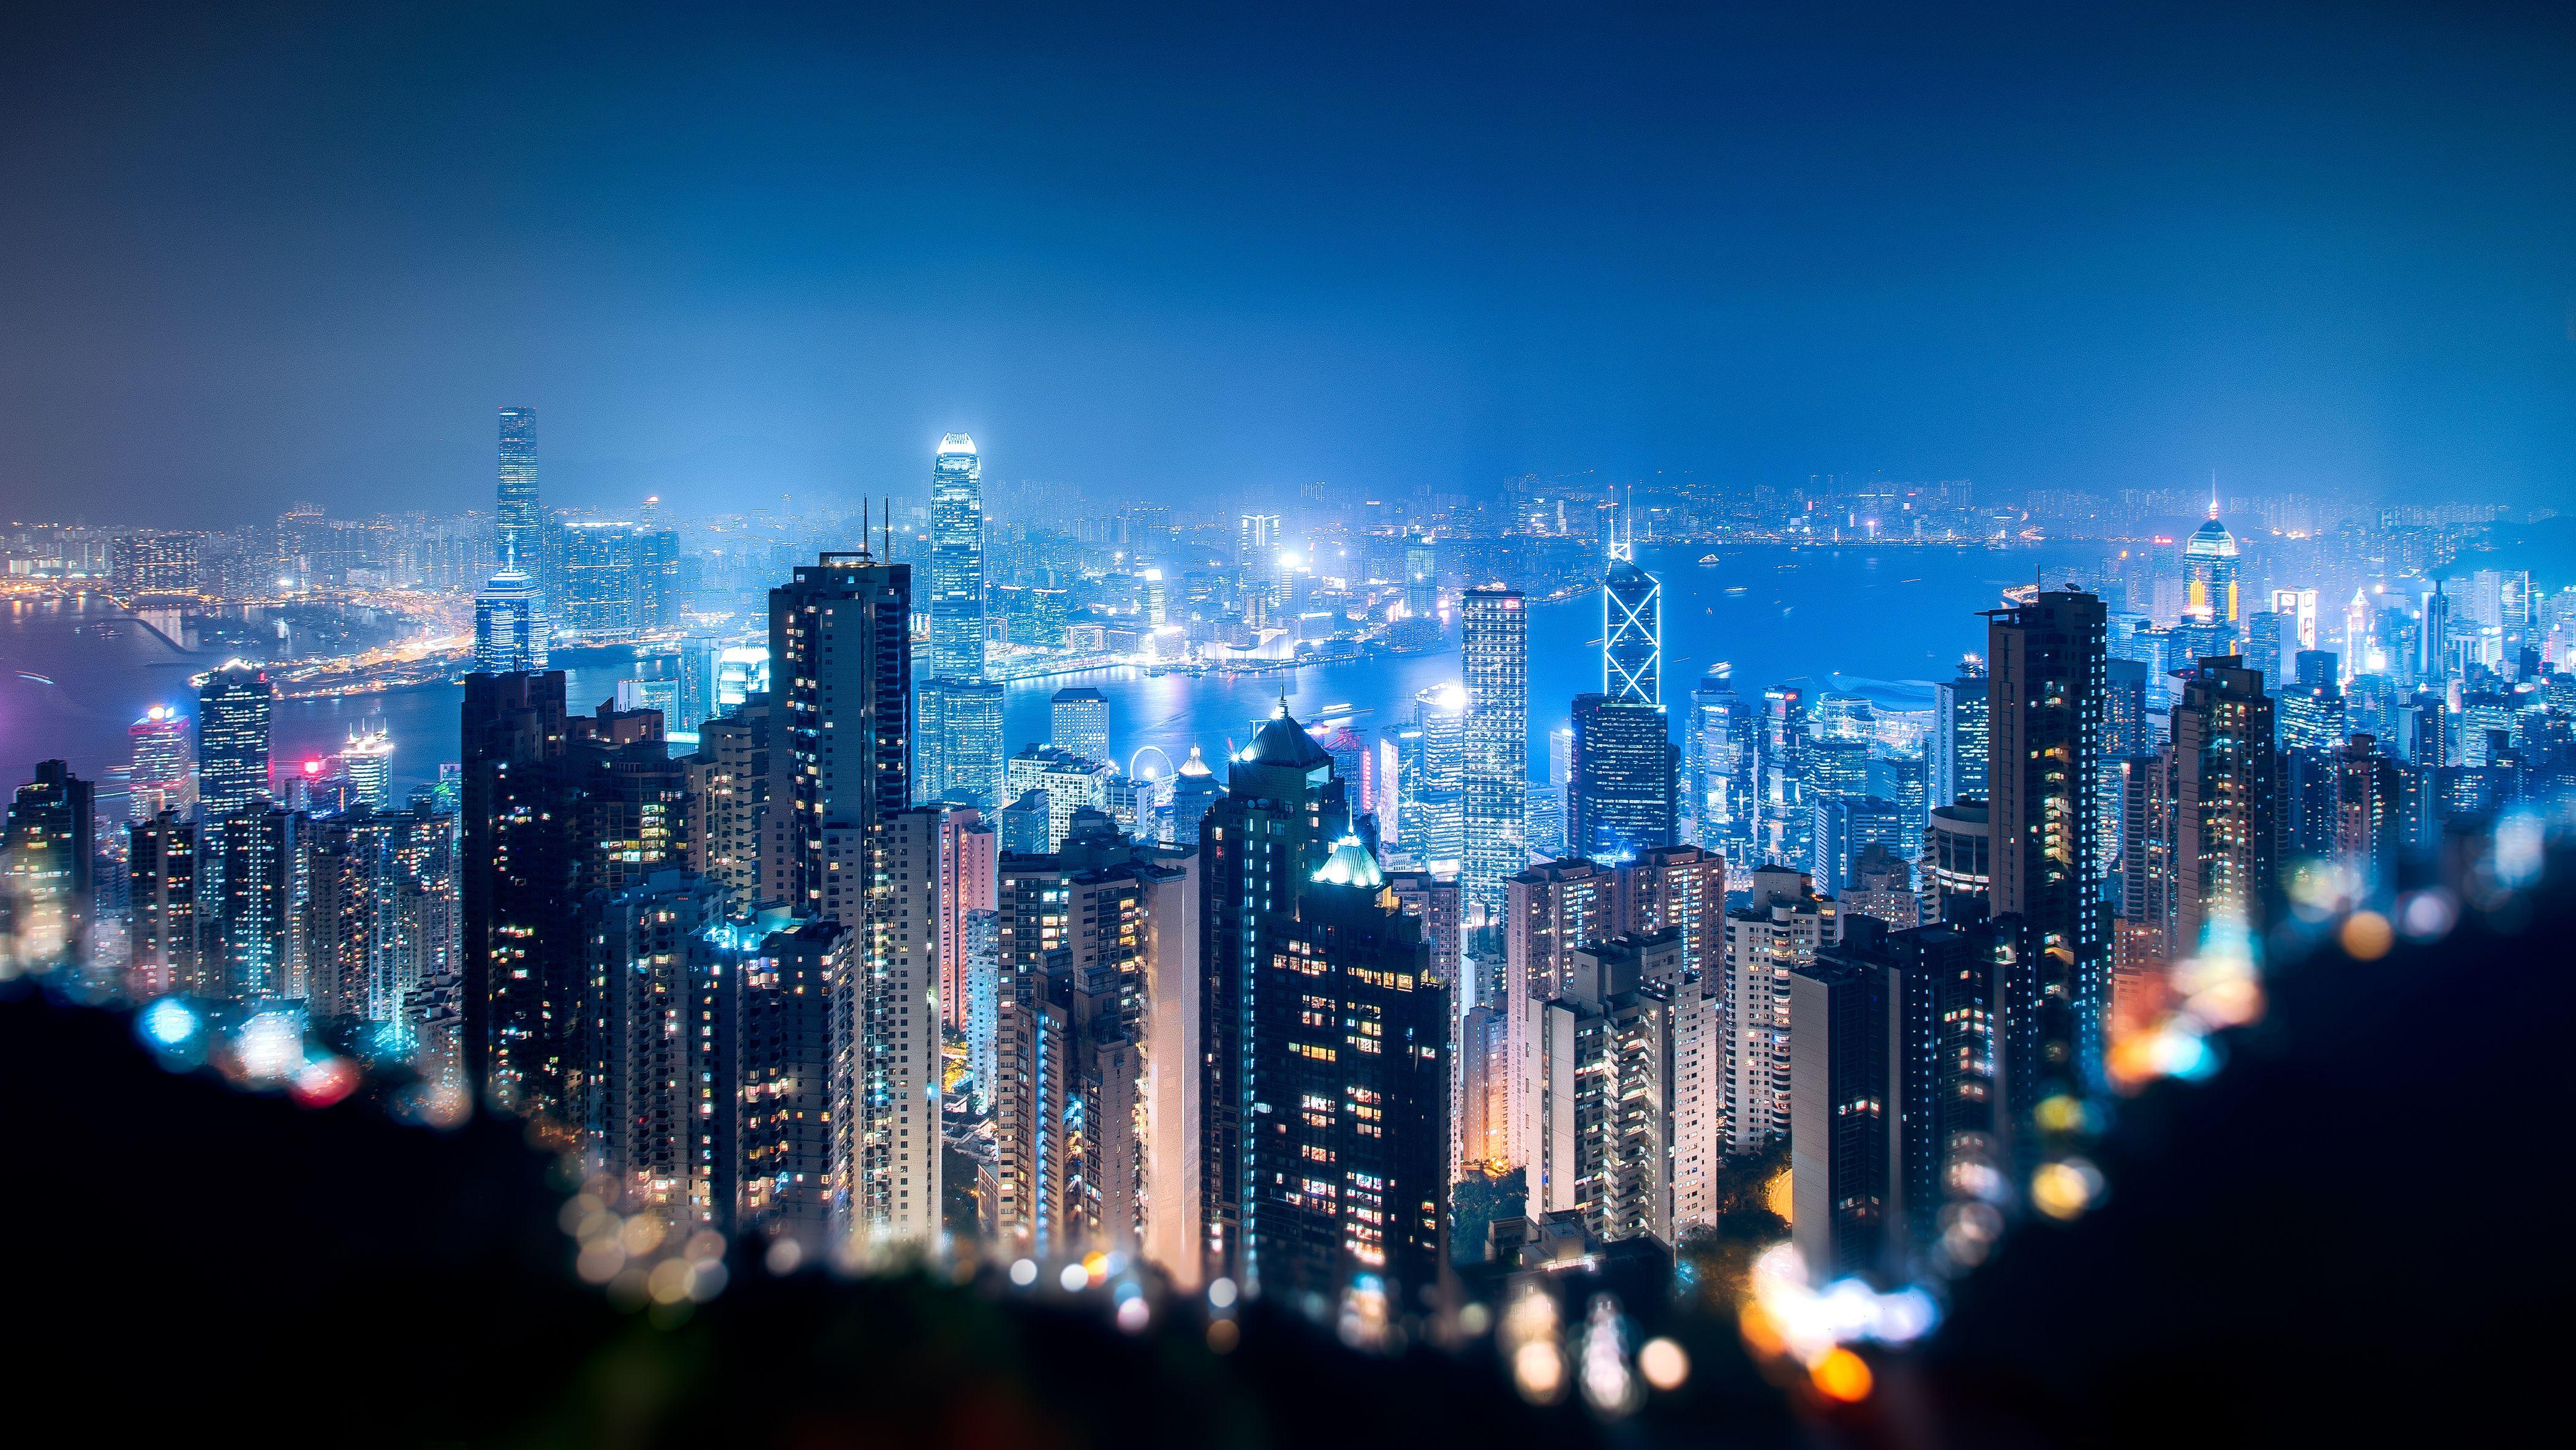 Top 5 Hong Kong Skyscrapers